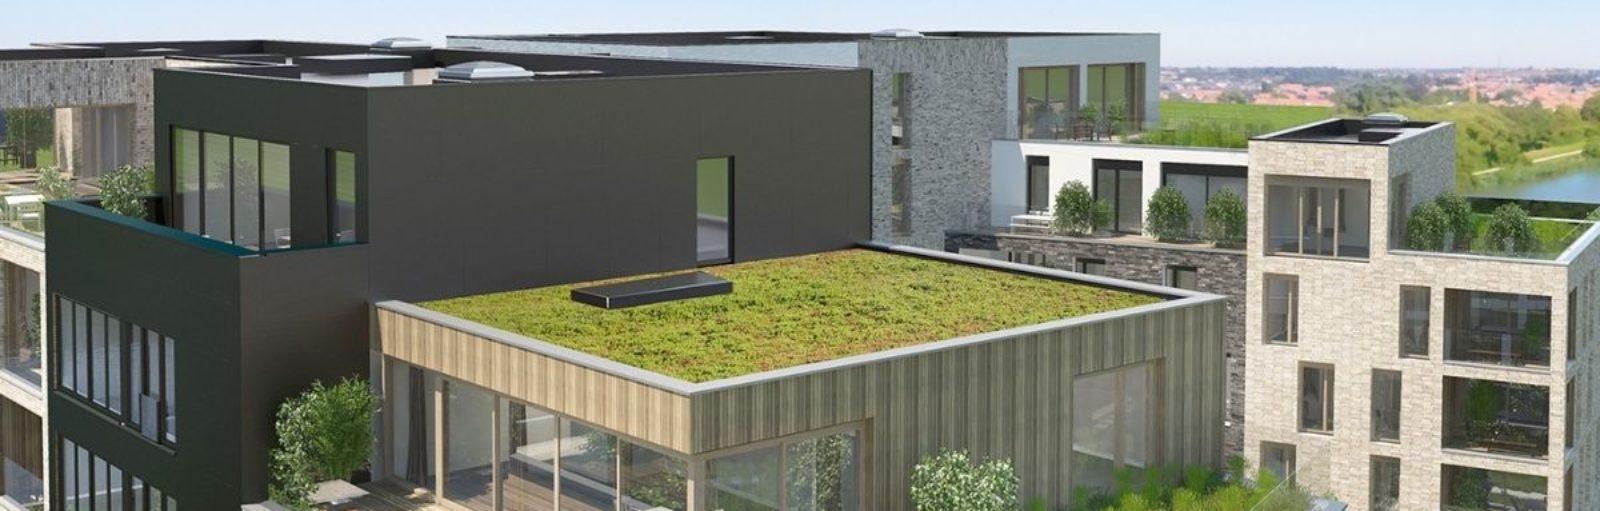 groendaken woonproject dac'art